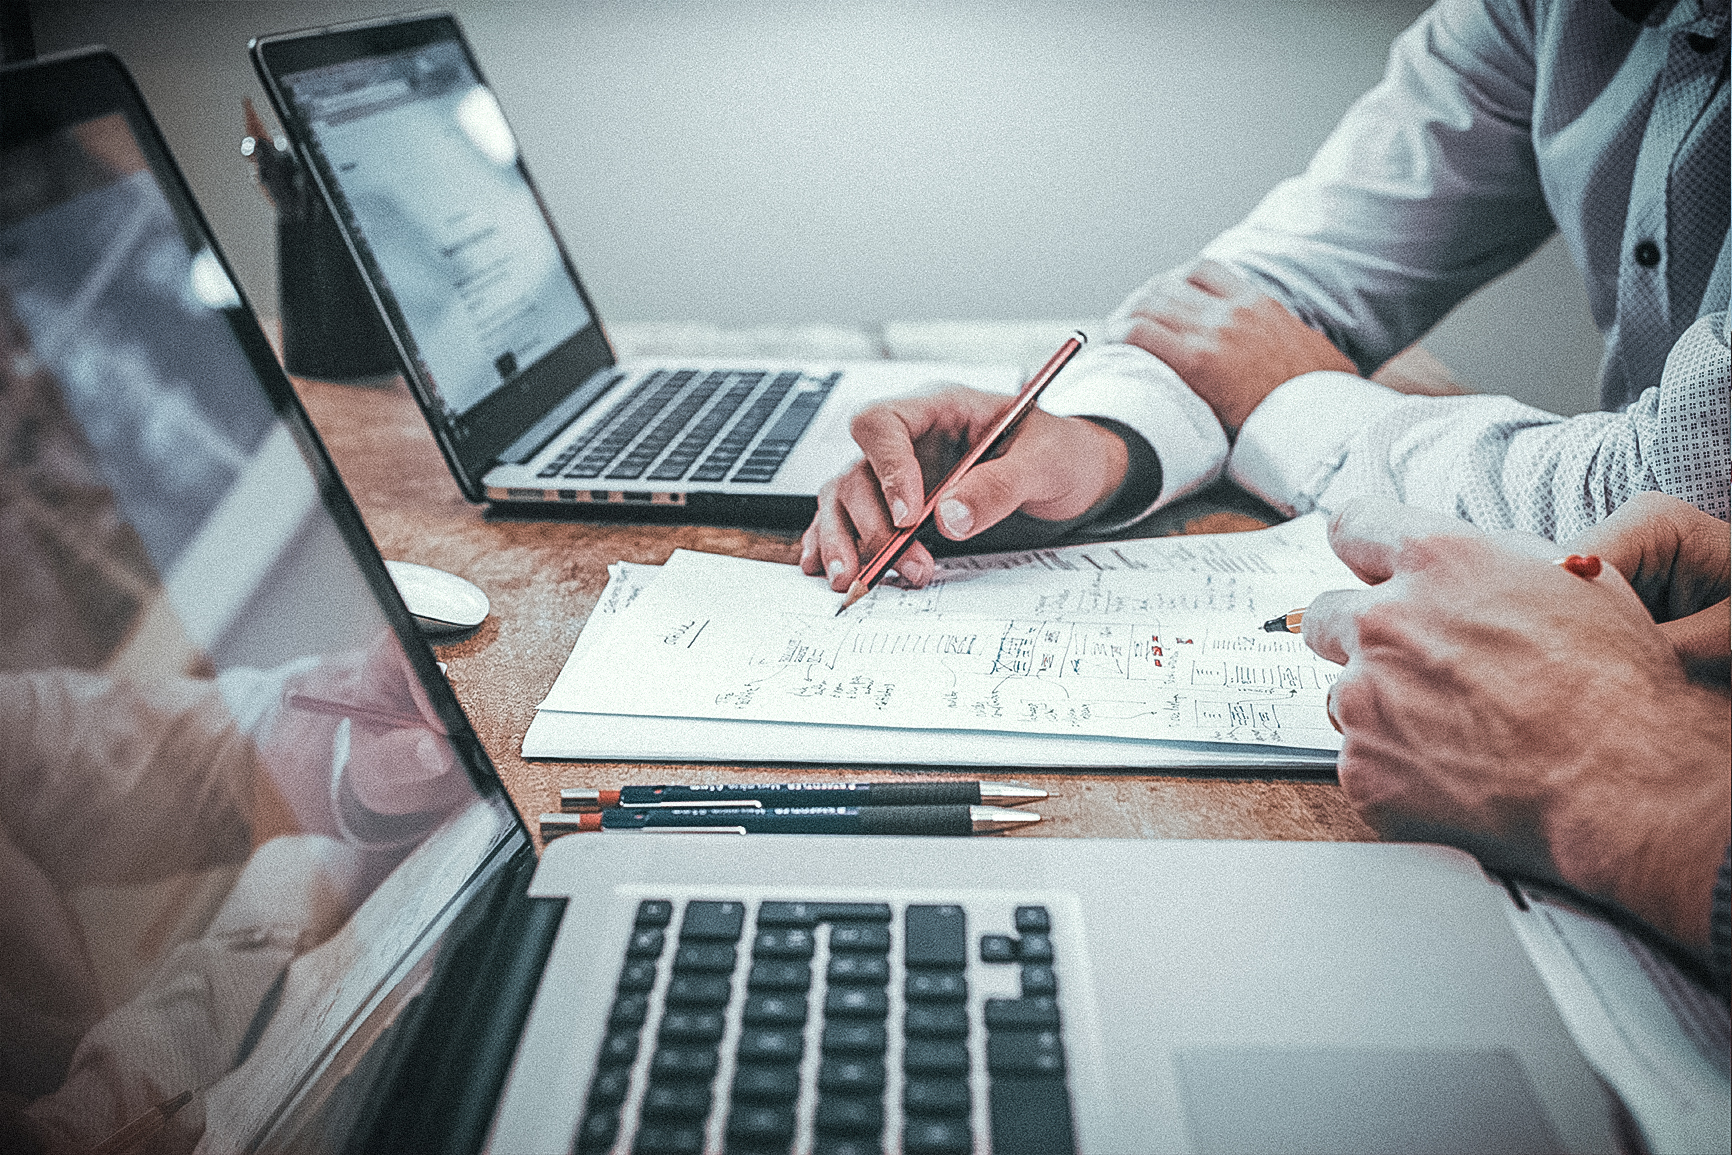 Краткие итоги: какие обращения потребителей финансовых услуг рассматривал финрегулятор в августе